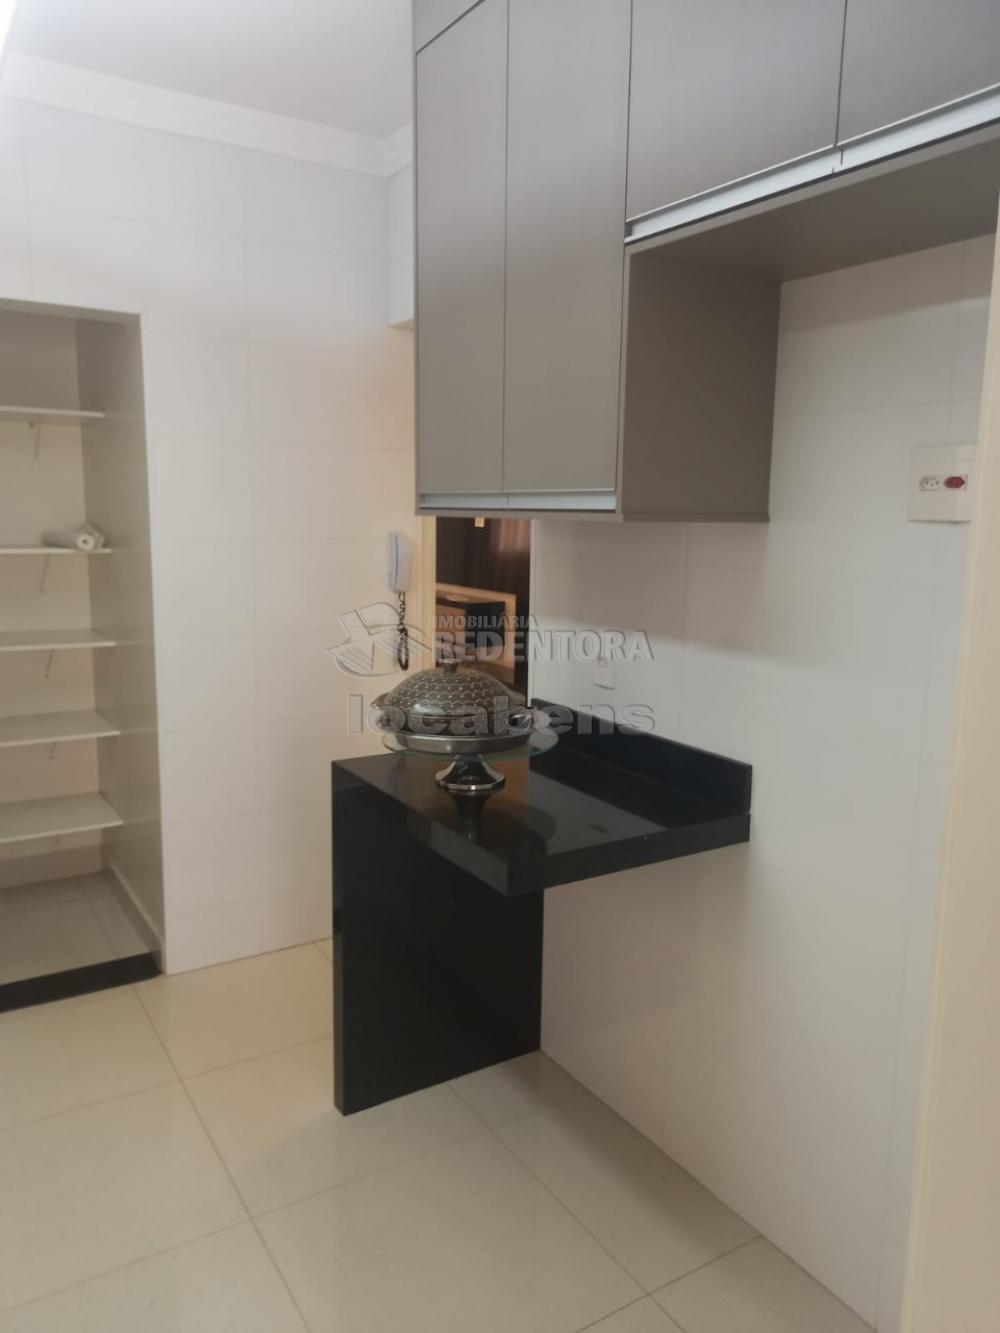 Comprar Casa / Condomínio em São José do Rio Preto R$ 620.000,00 - Foto 7